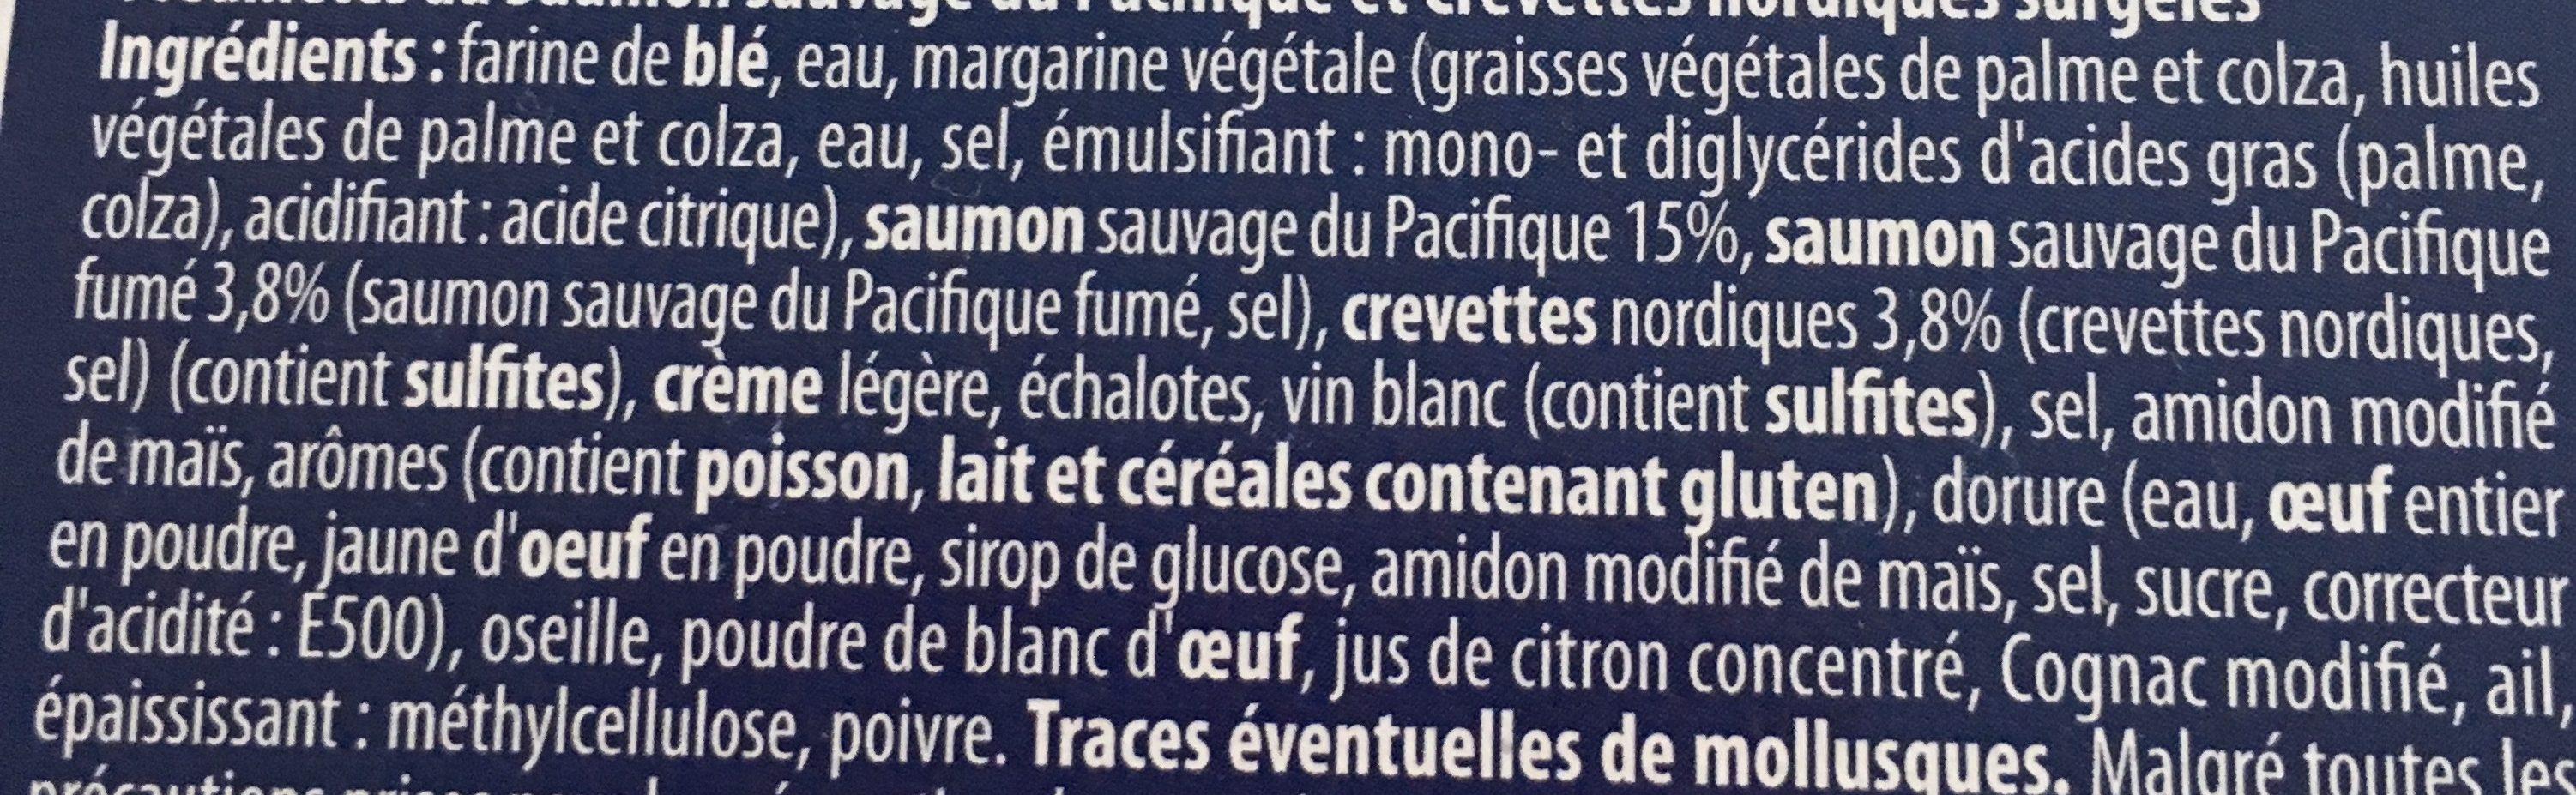 Feuilletés Saumon Kéta du Pacifique, Crevettes Nordiques - Ingrédients - fr